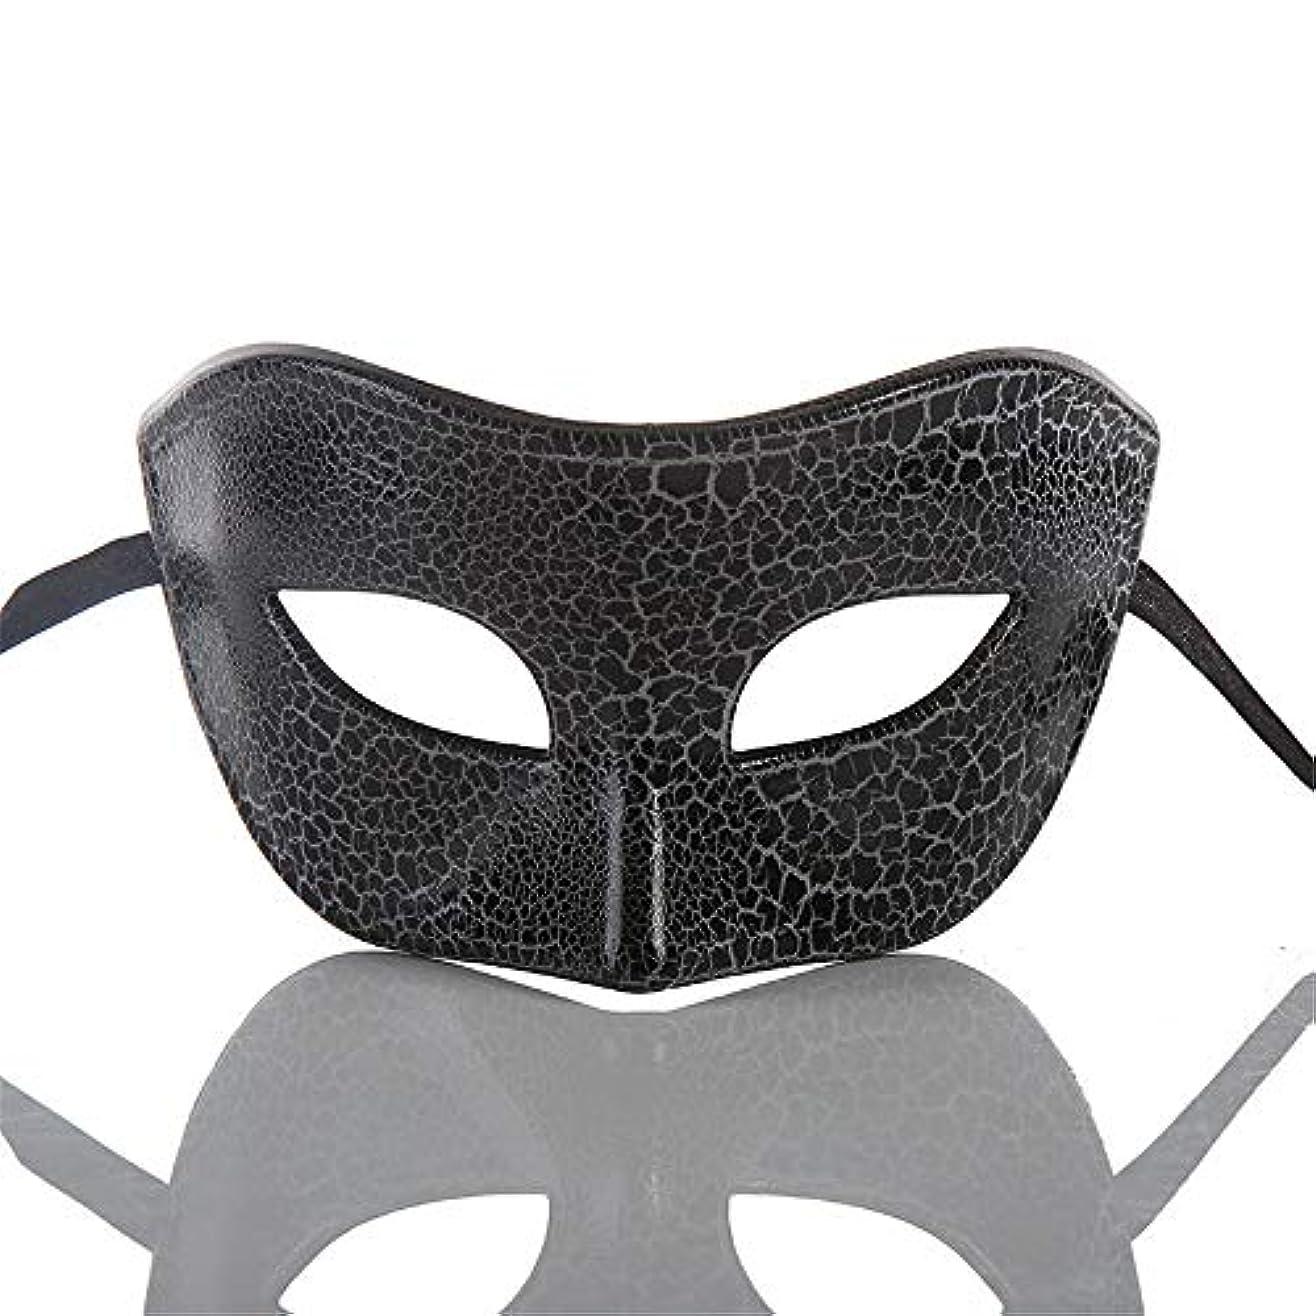 三角彼自身師匠ダンスマスク ハーフマスク新しいハロウィーンマスク仮装レトロコスプレメイクナイトクラブマスク雰囲気クリスマスお祝いプラスチックマスク ホリデーパーティー用品 (色 : ブラック, サイズ : 16.5x8cm)